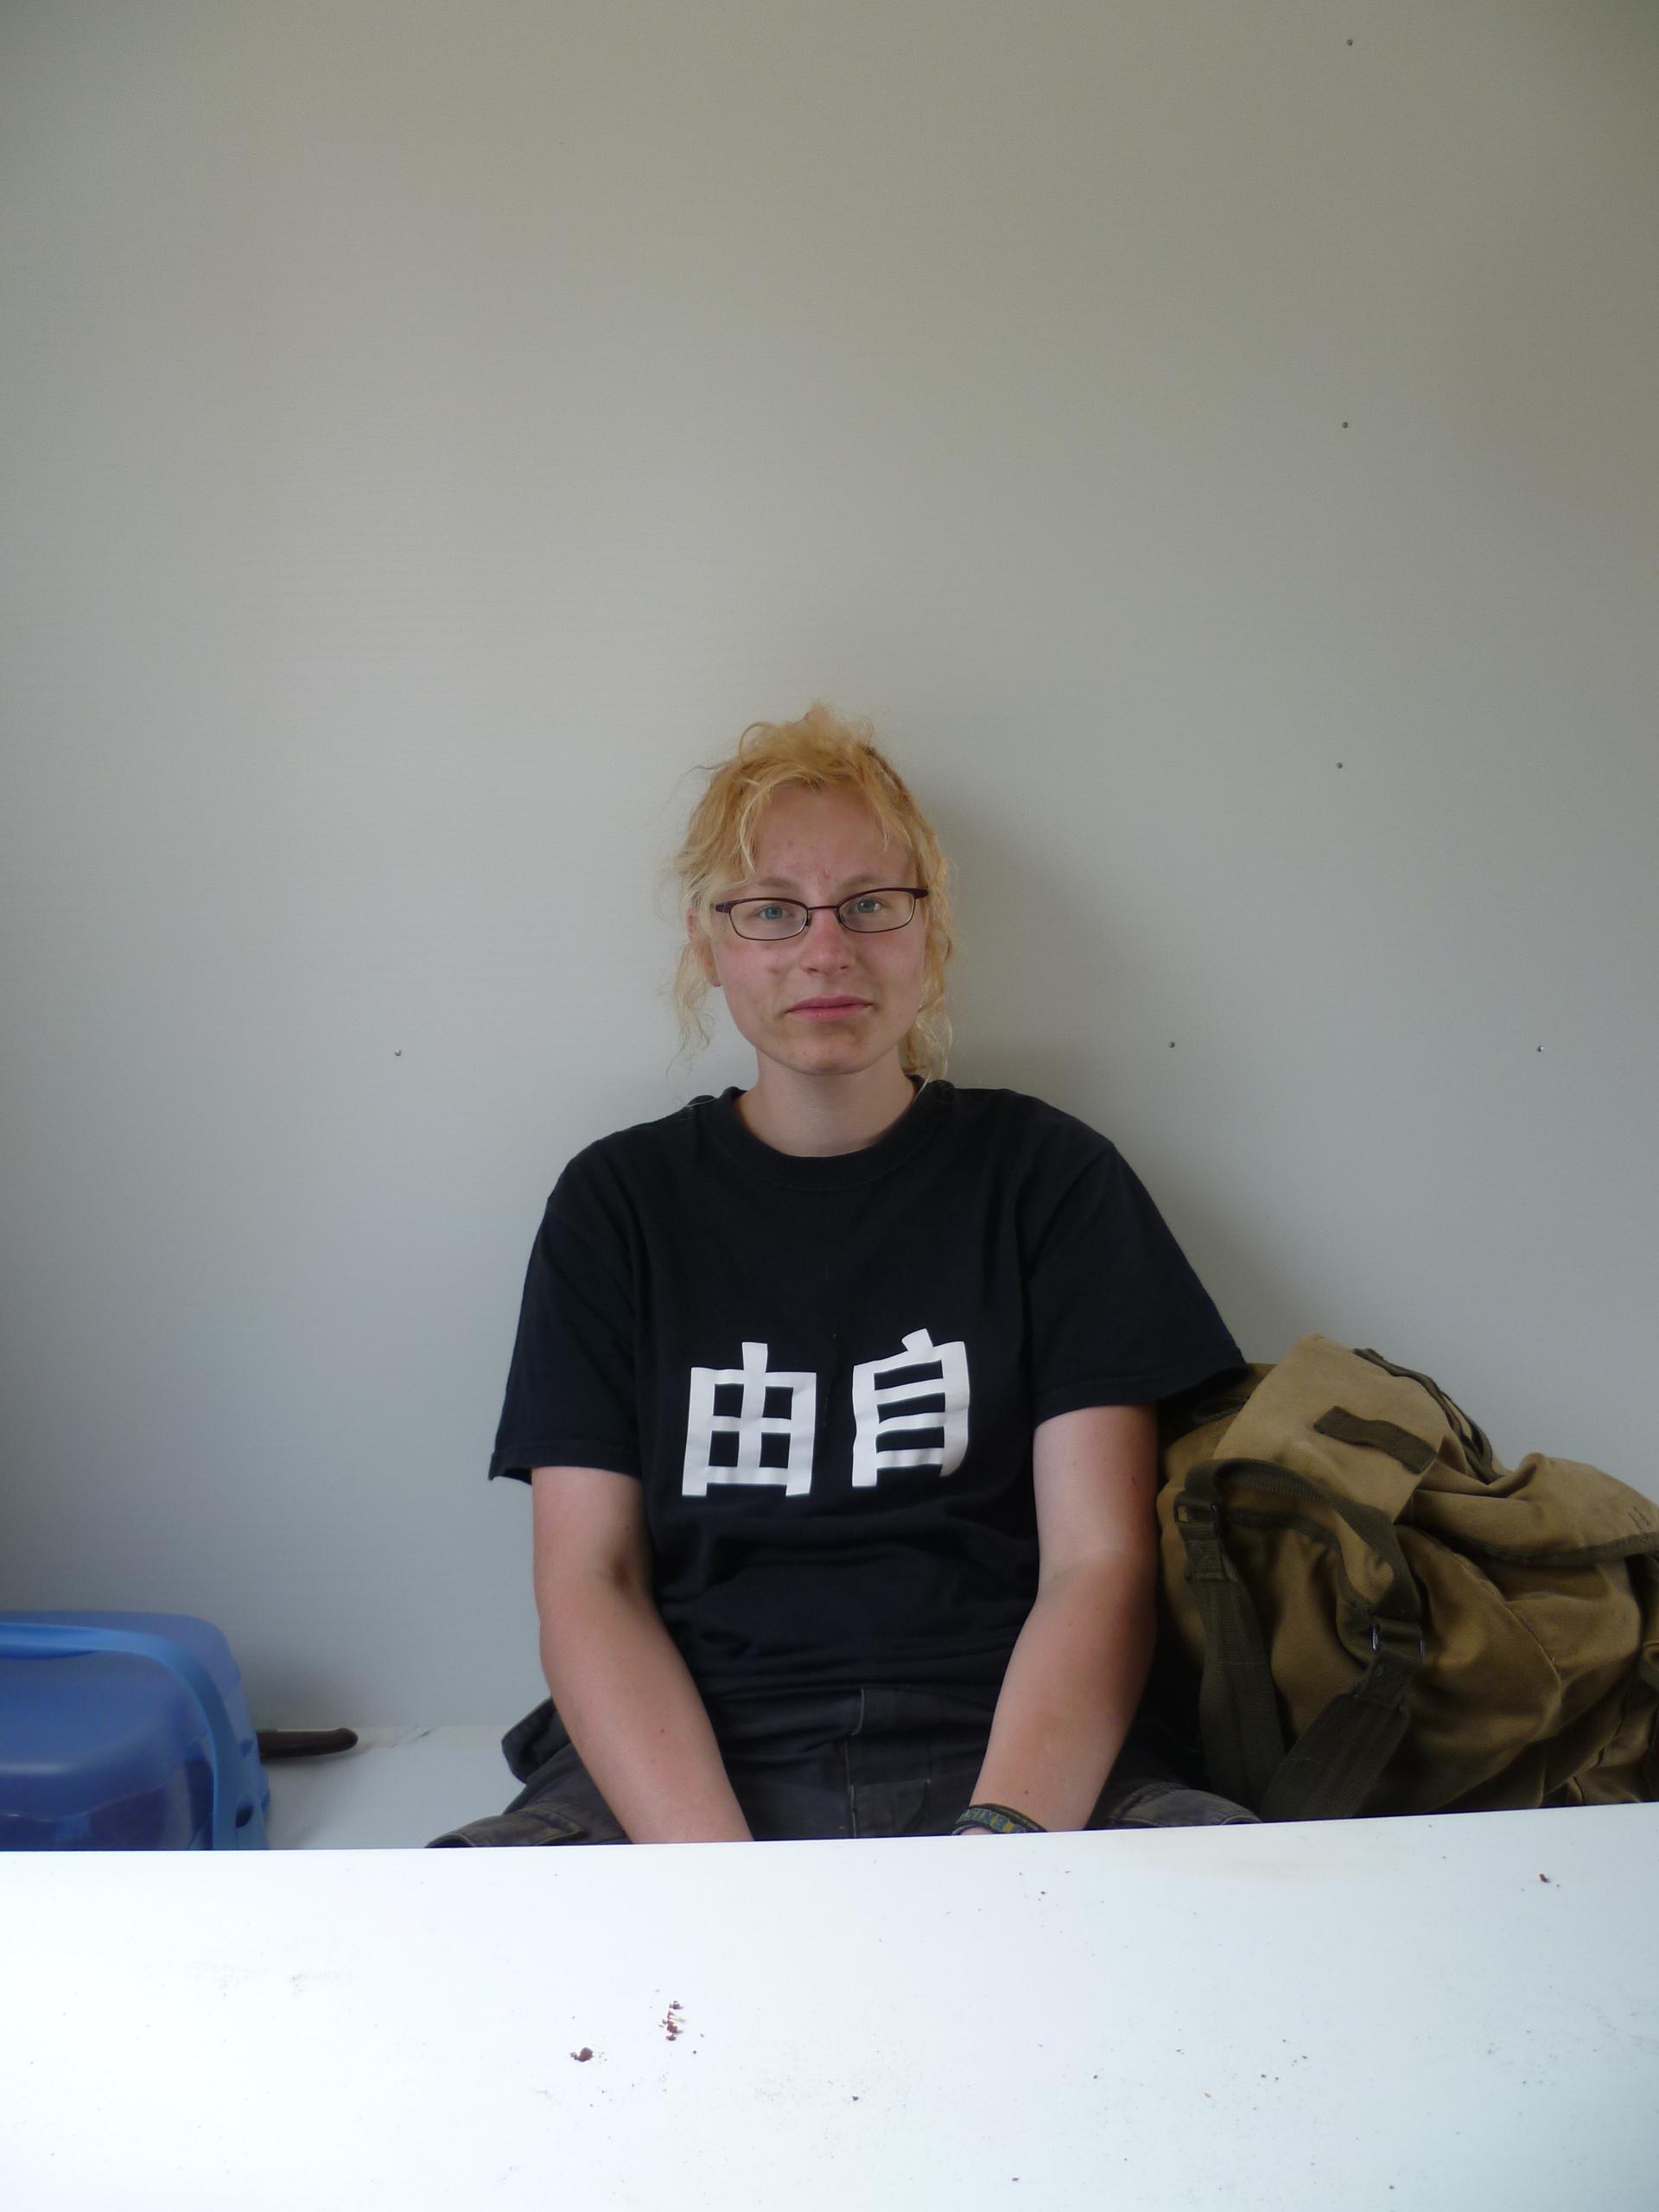 Eine Frau mit dreckiegem Gesicht sitzt und guckt Müde in die Kamera.